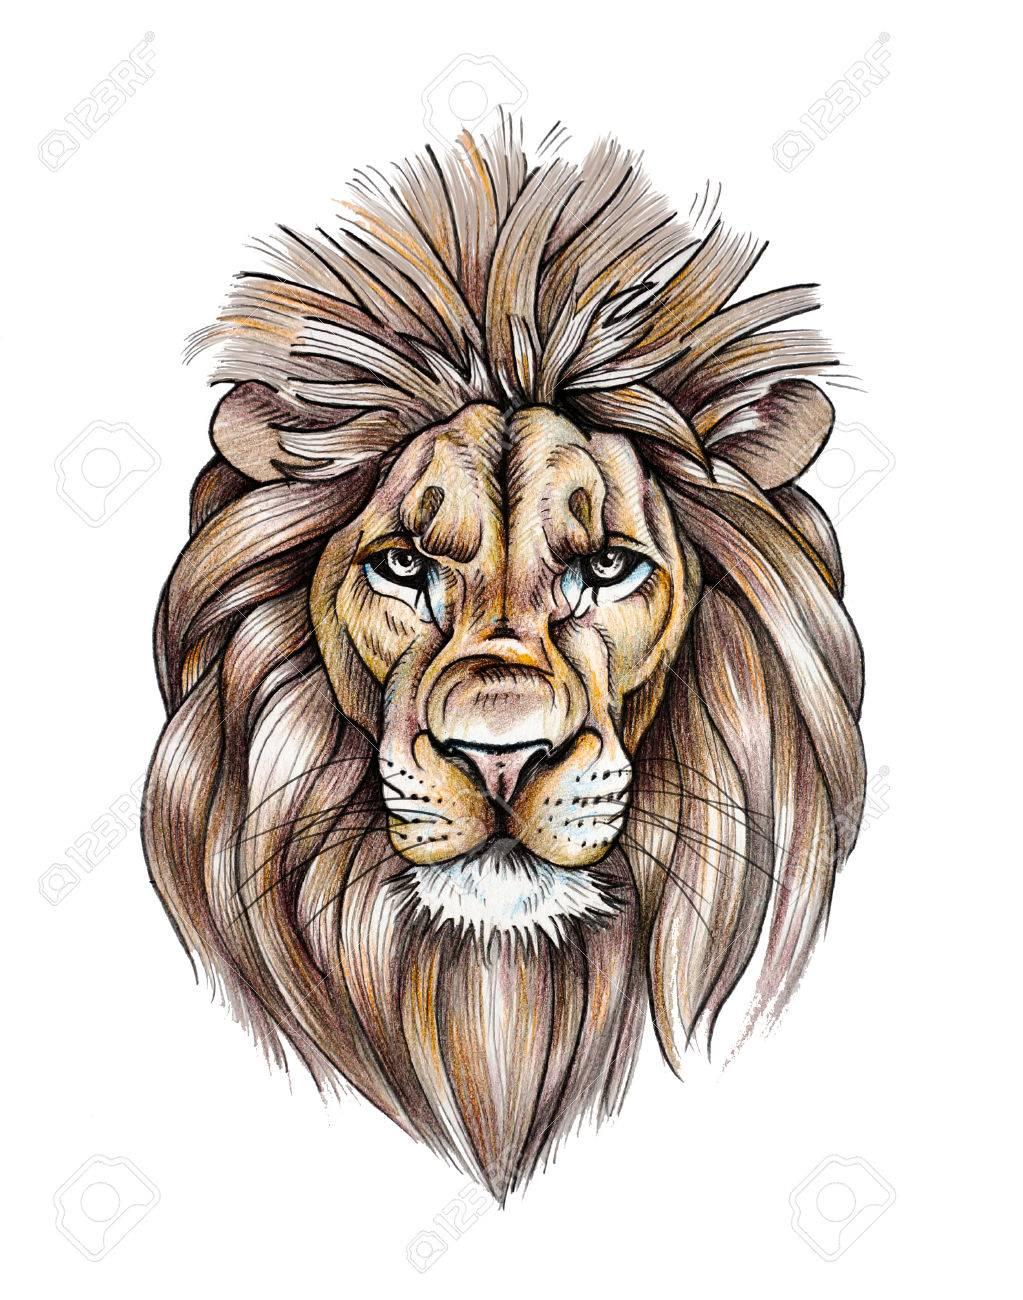 Retrato De Un Hermoso León Dibujo A Lápiz De Color Fotos Retratos